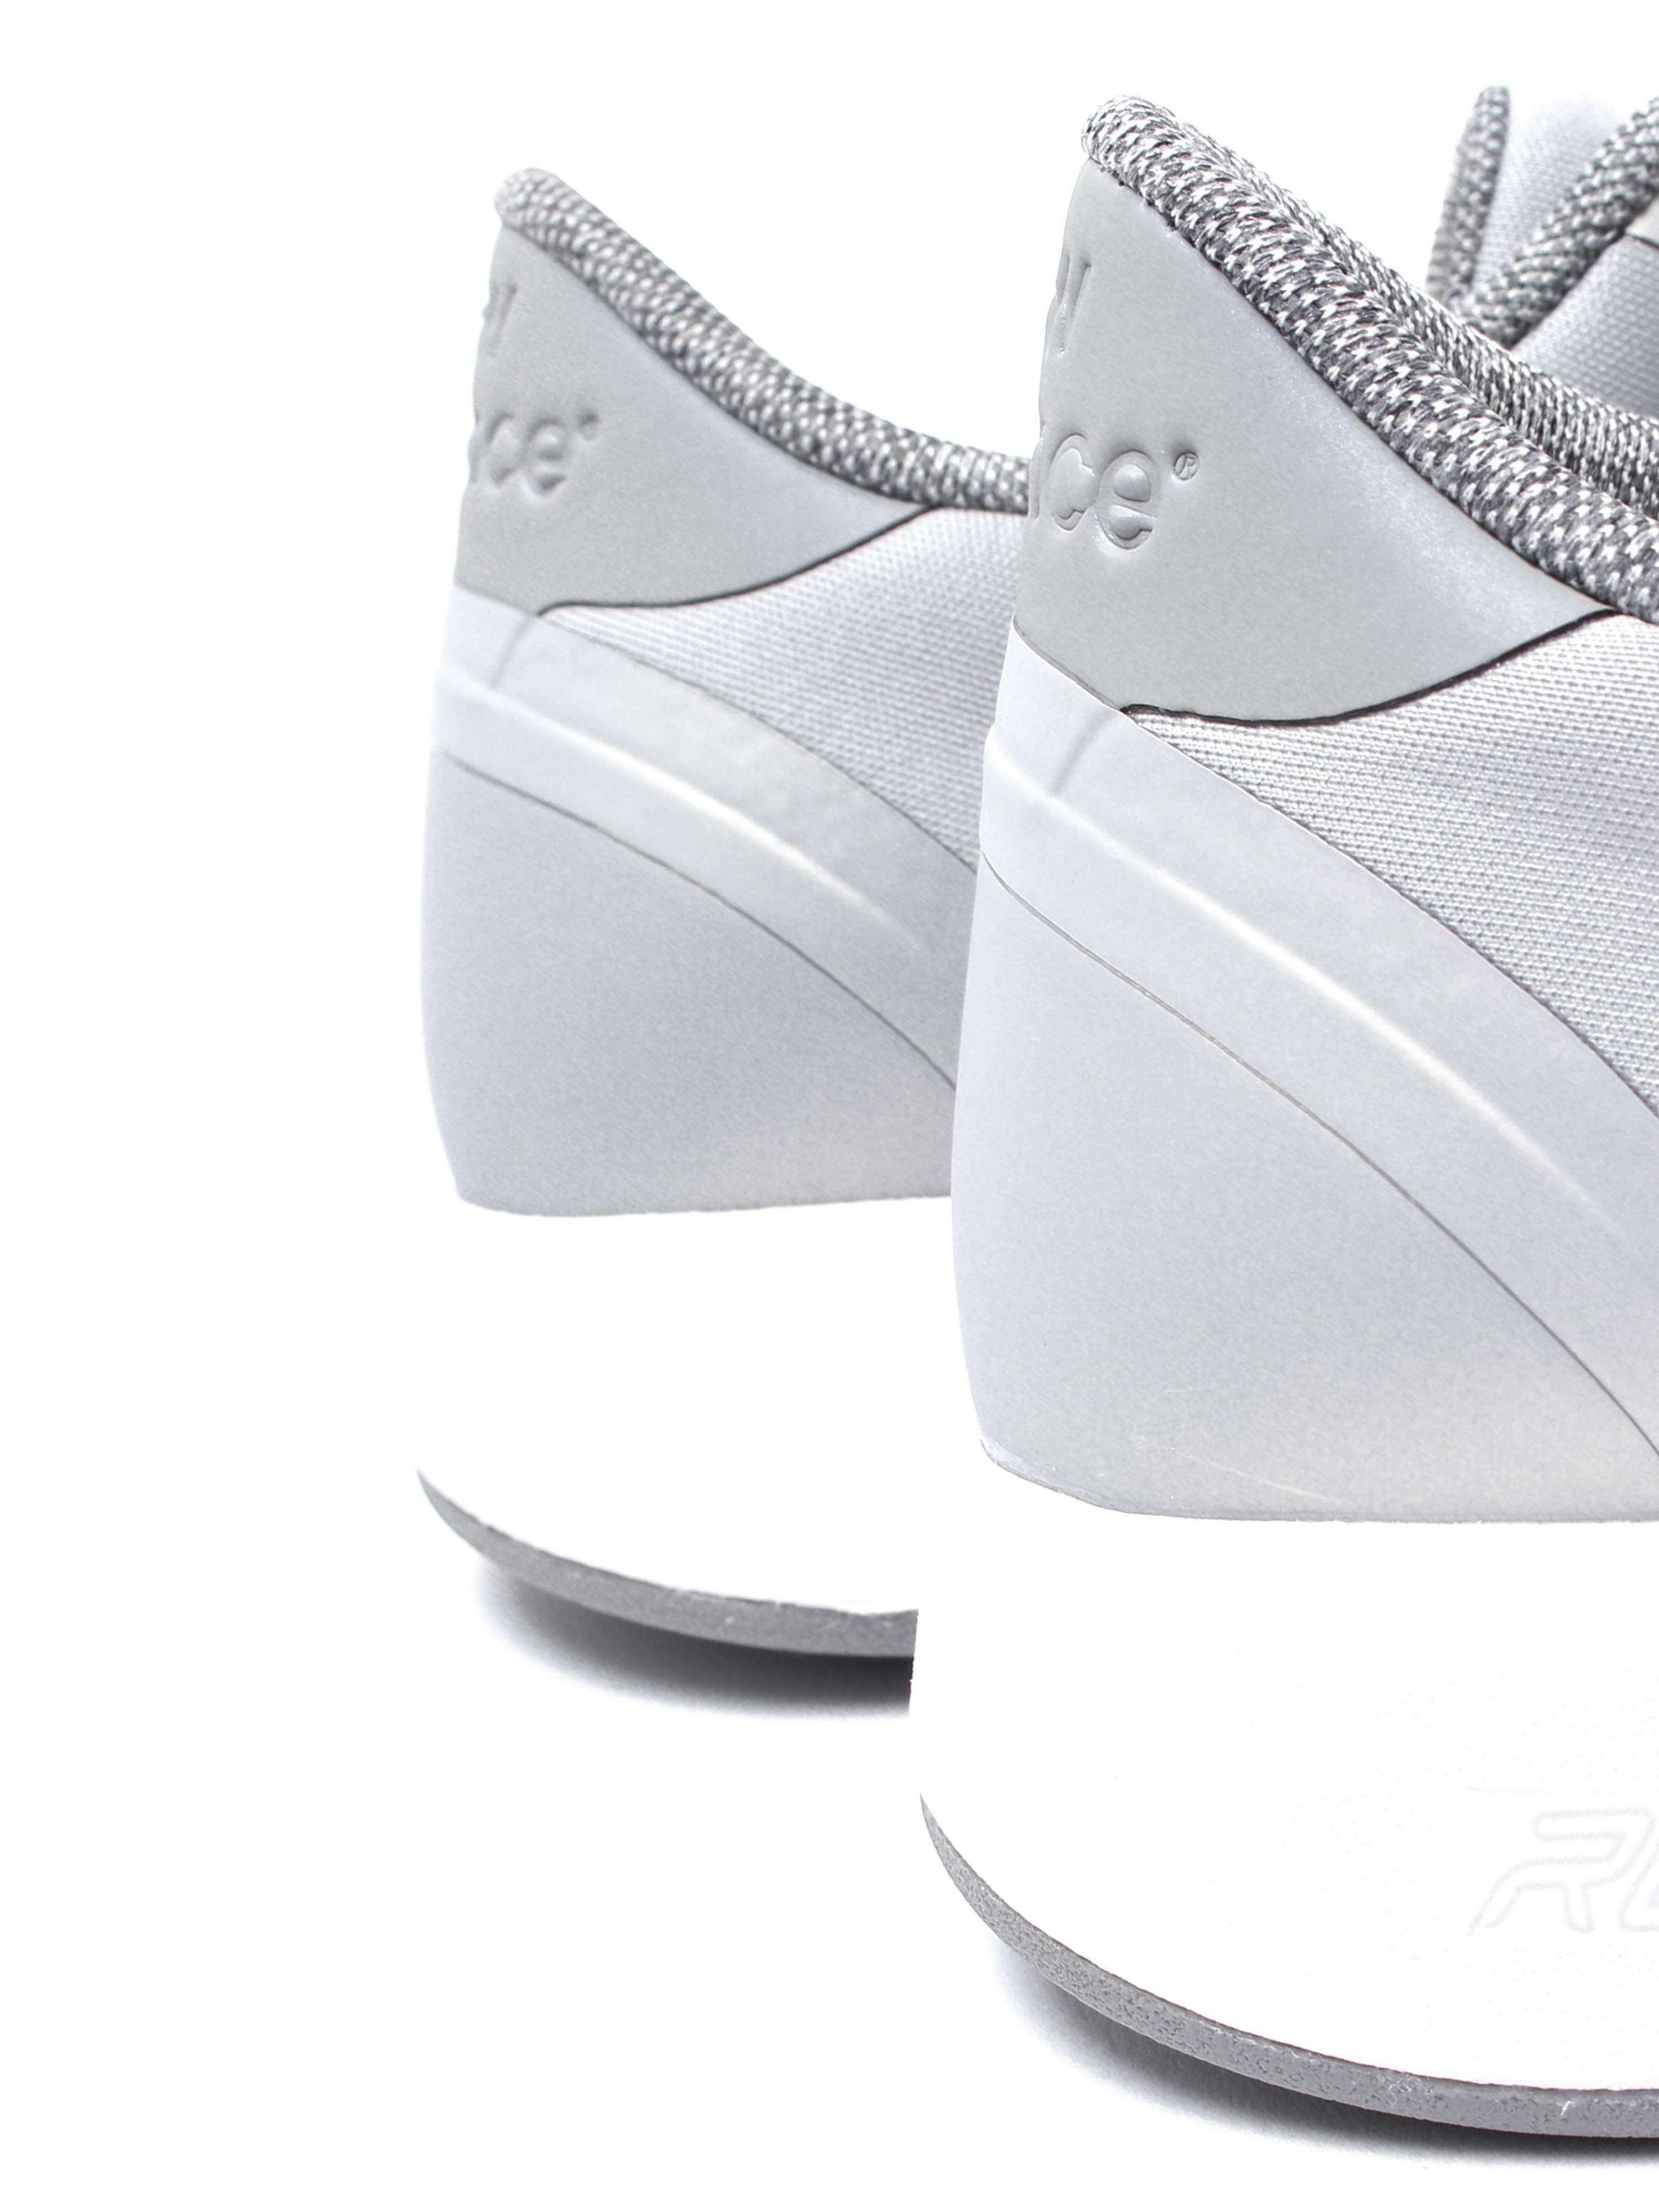 New Balance Women's 420 REVlite Trainers - Grey